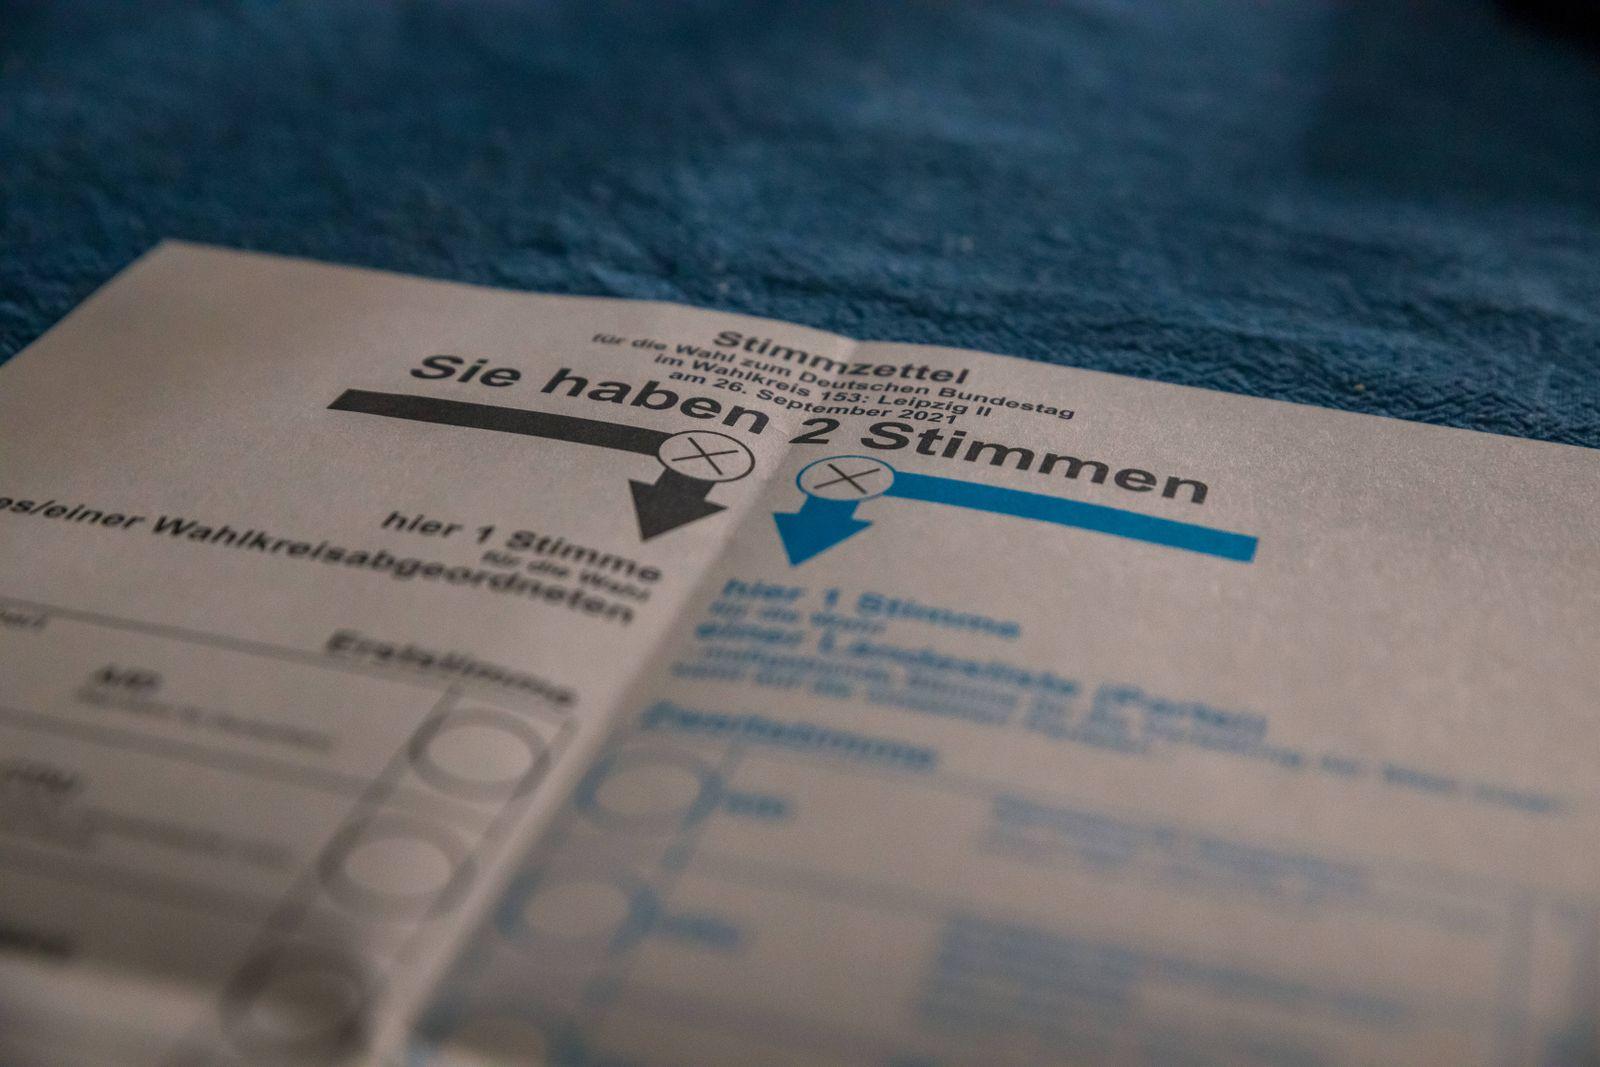 Am 26. September 2021 findet die Wahl zum 20. Deutschen Bundestag statt. Erstmals stellt sich kein amtierender Bundeskan